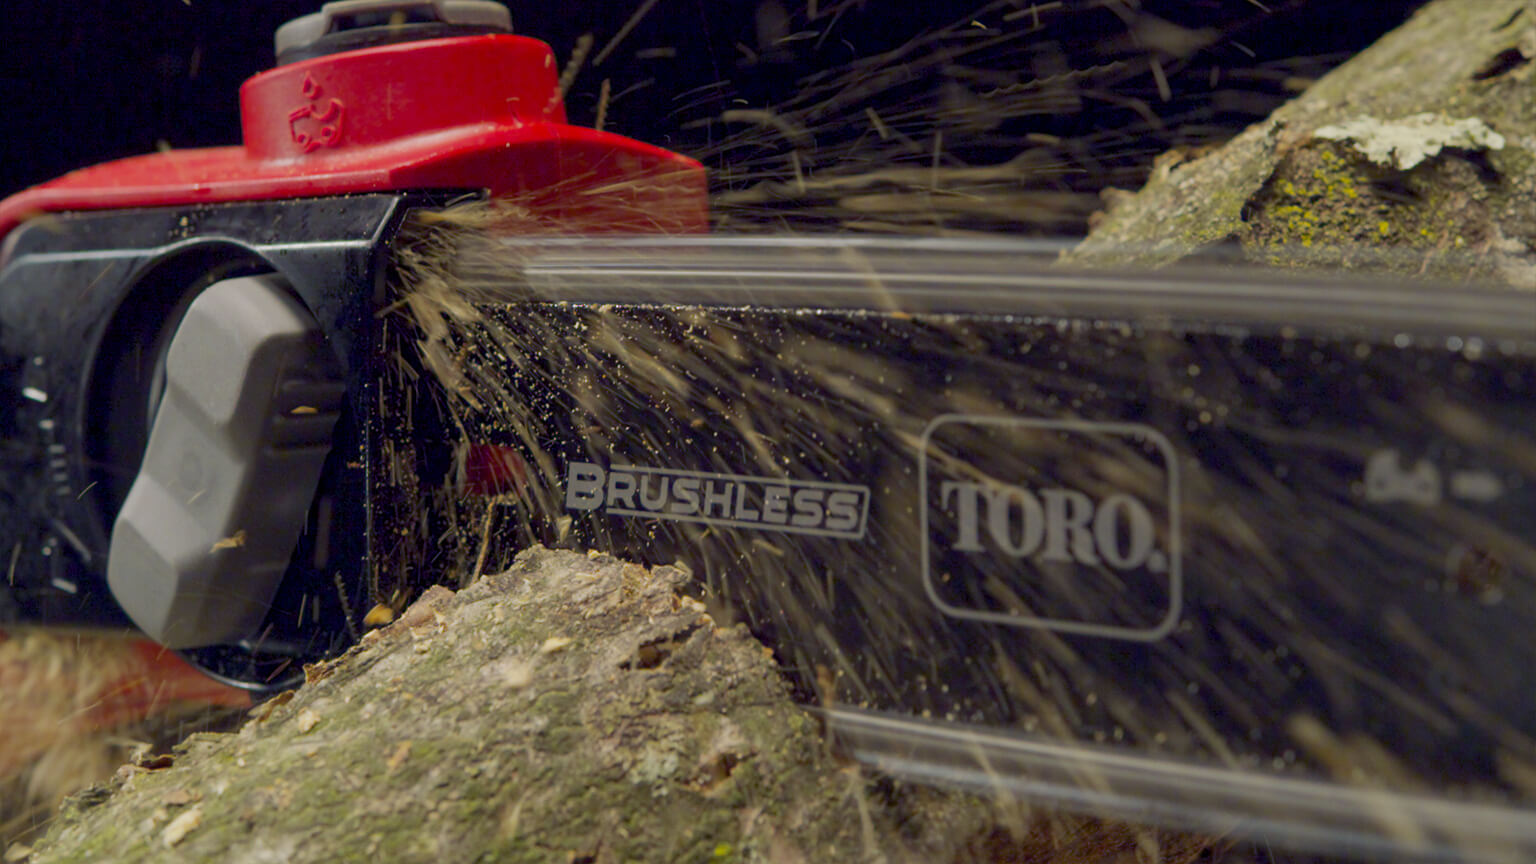 Toro® 60V Max 16